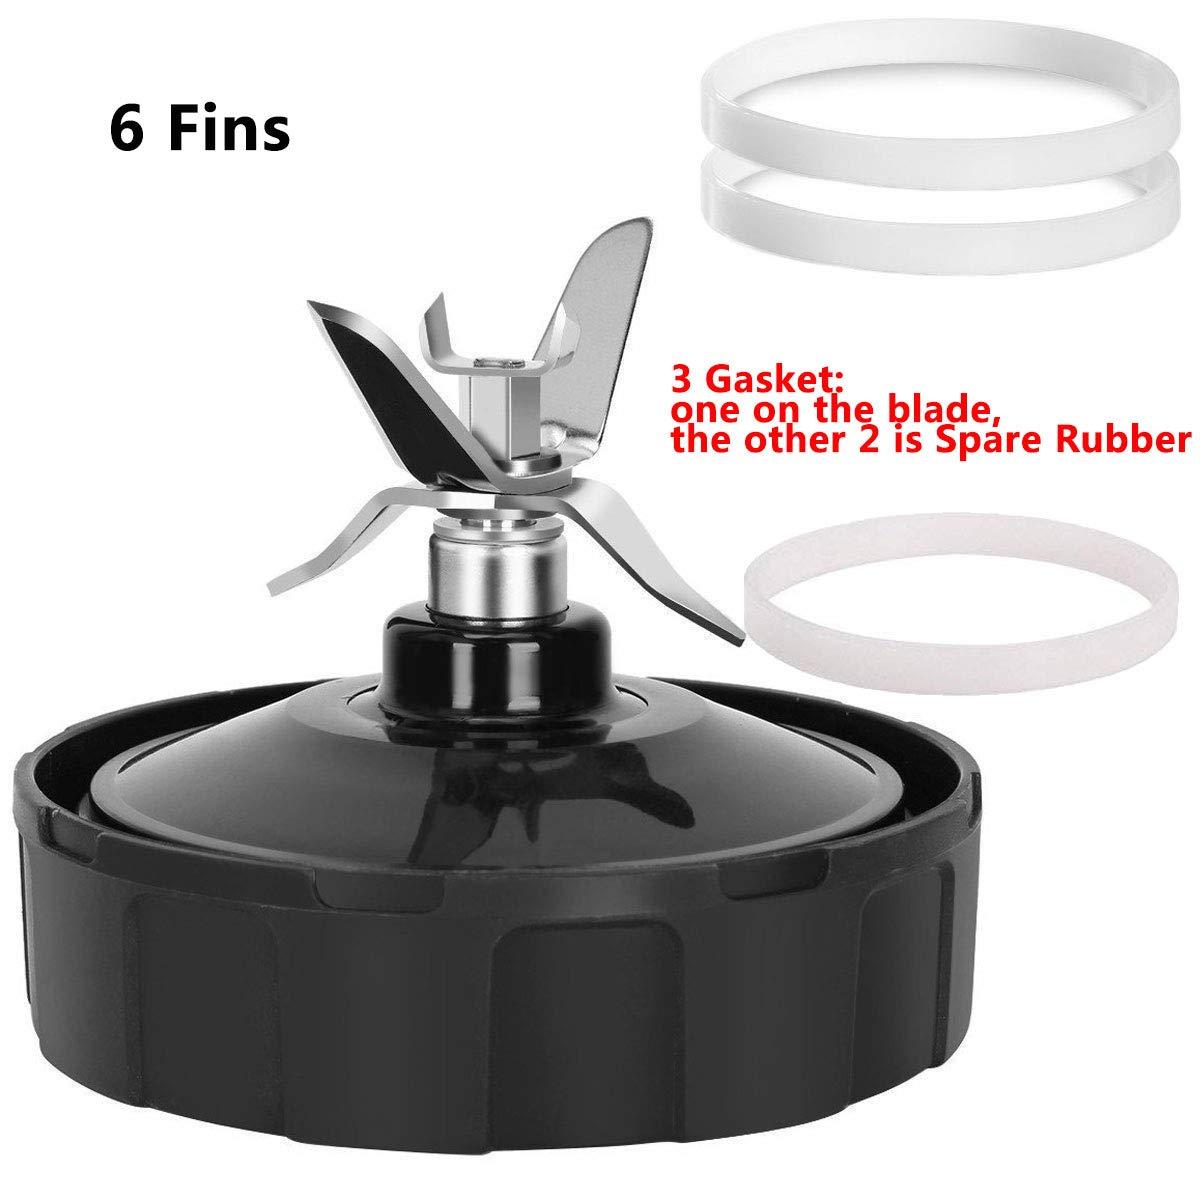 Blender Replacement Parts for Ninja,Blender Blade 6 Fins+3 Rubber Gasket Assembly for Nutri Ninja Auto iQ BL660 BL770 BL771 BL772 BL773CO BL780 Nutri ...